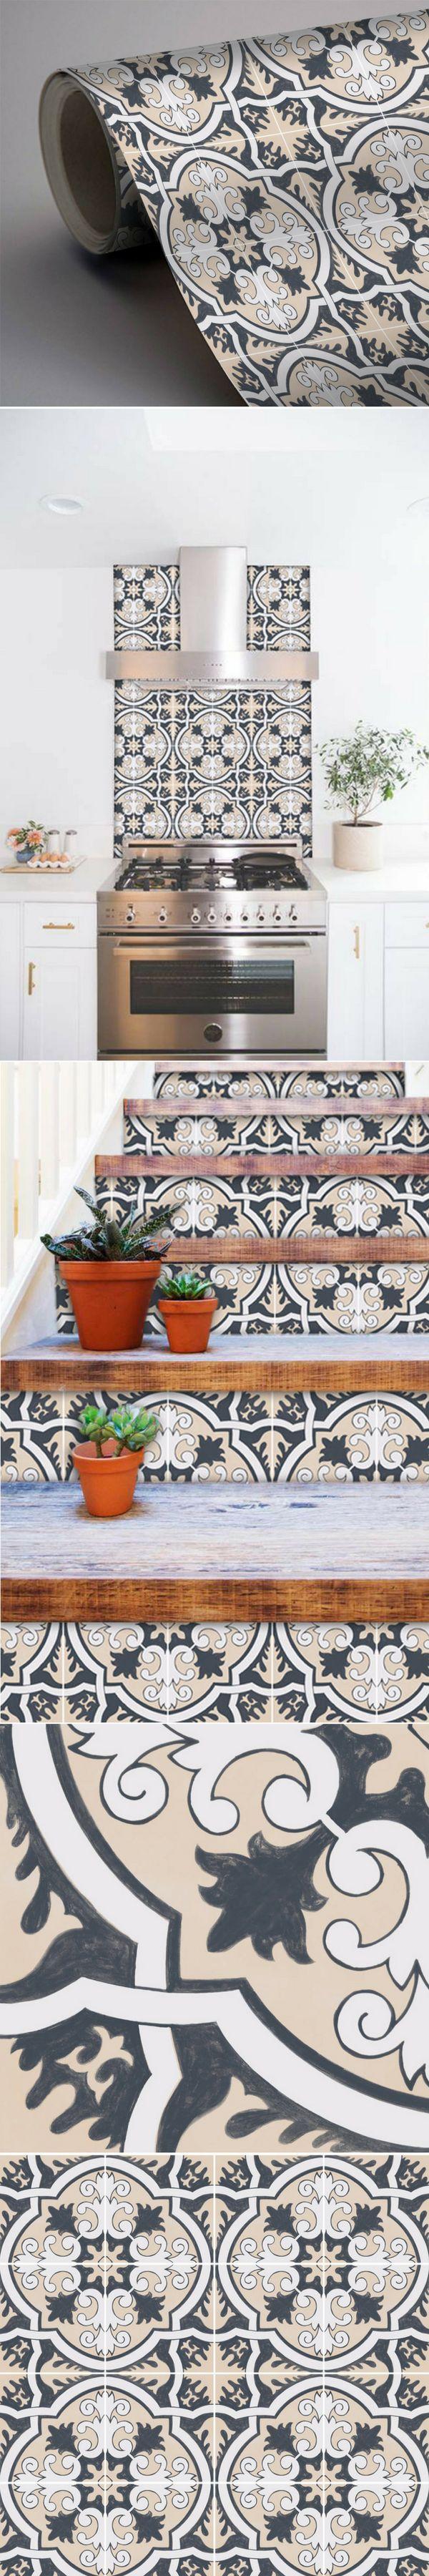 Du carrelage adh sif imitation carreaux de ciment pour relooker les murs ou les sols partout - Carreaux adhesifs cuisine ...